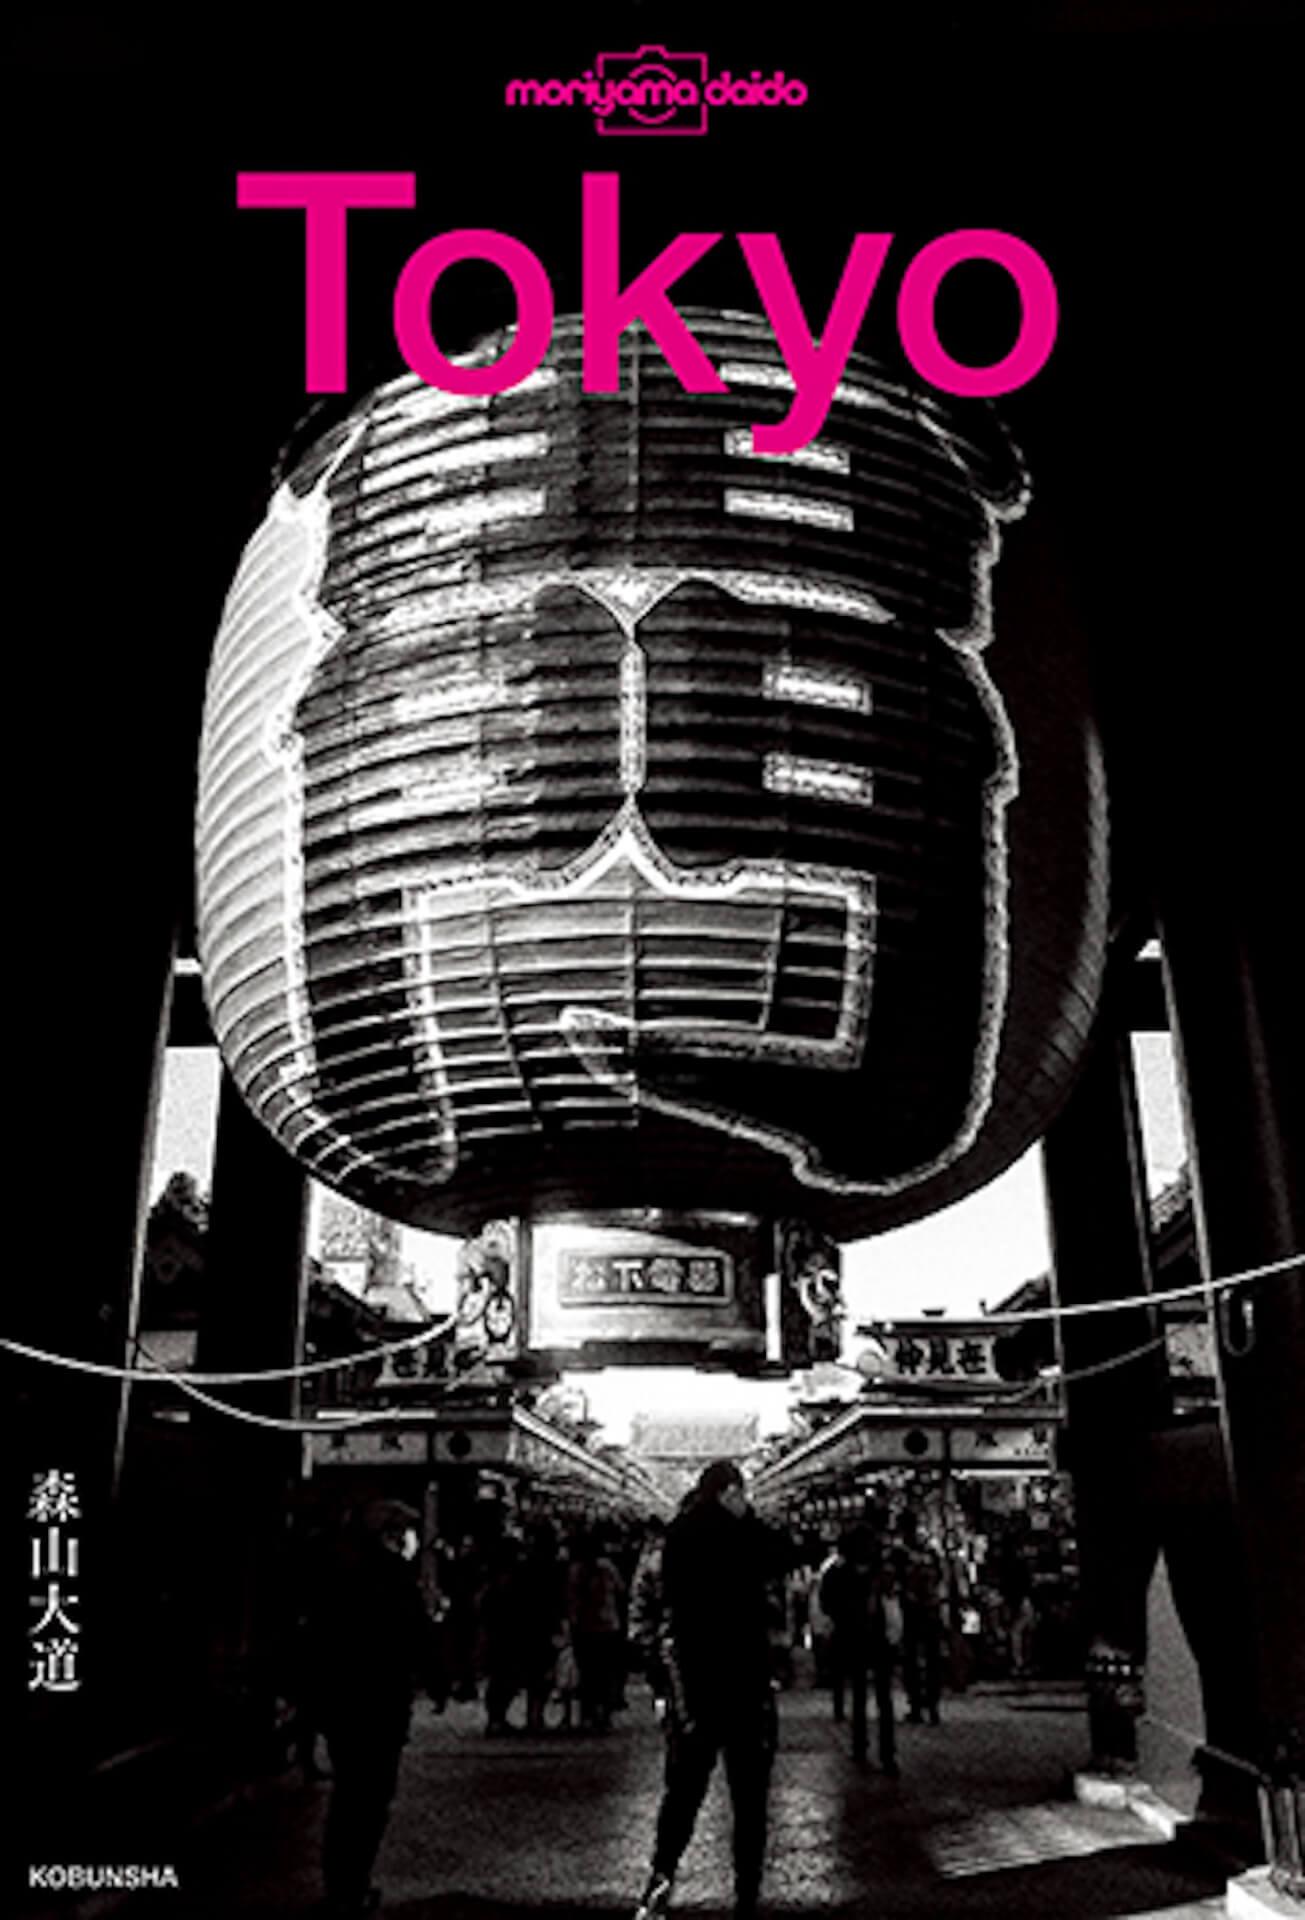 東京の路地裏を捉えた森山大道の写真集『Tokyo』が発売|撮影現場に同行したインタビュー動画公開&パネル展も開催 ac200714_daido_moriyama_01